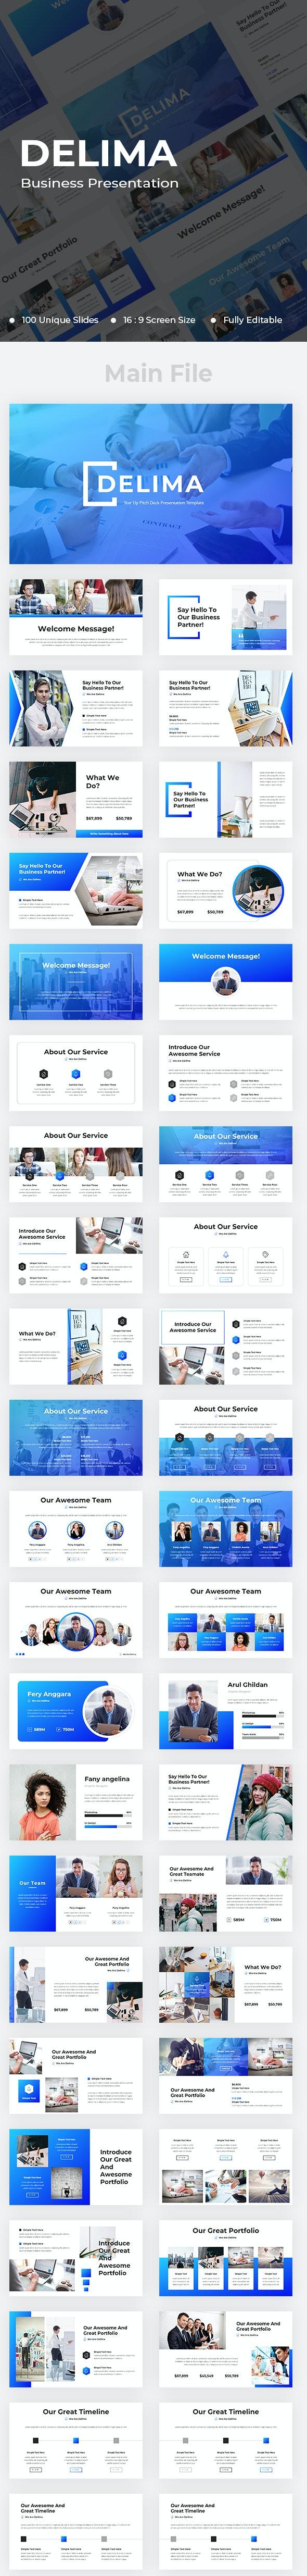 Delima Business Google Slides - Google Slides Presentation Templates